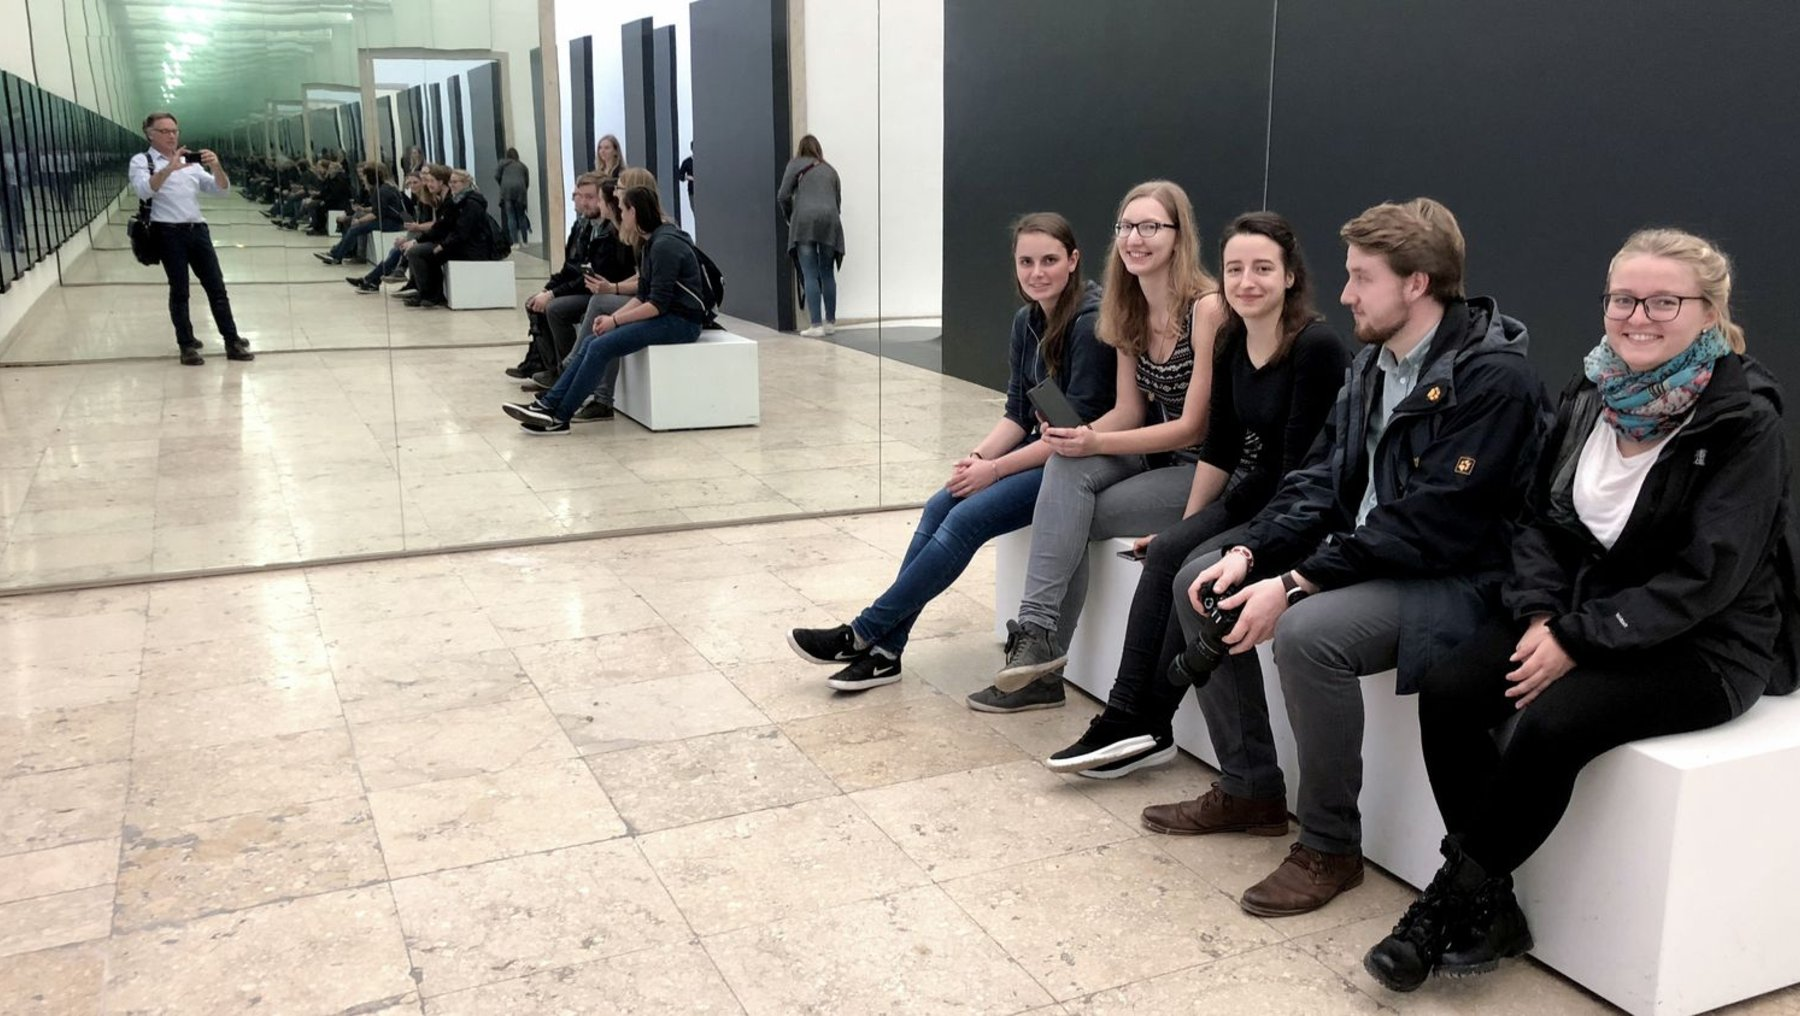 """Videoinstallation """"Unbuilding Walls"""" zum Thema Trenung und Ausgrenzung im deutschen Pavillon"""